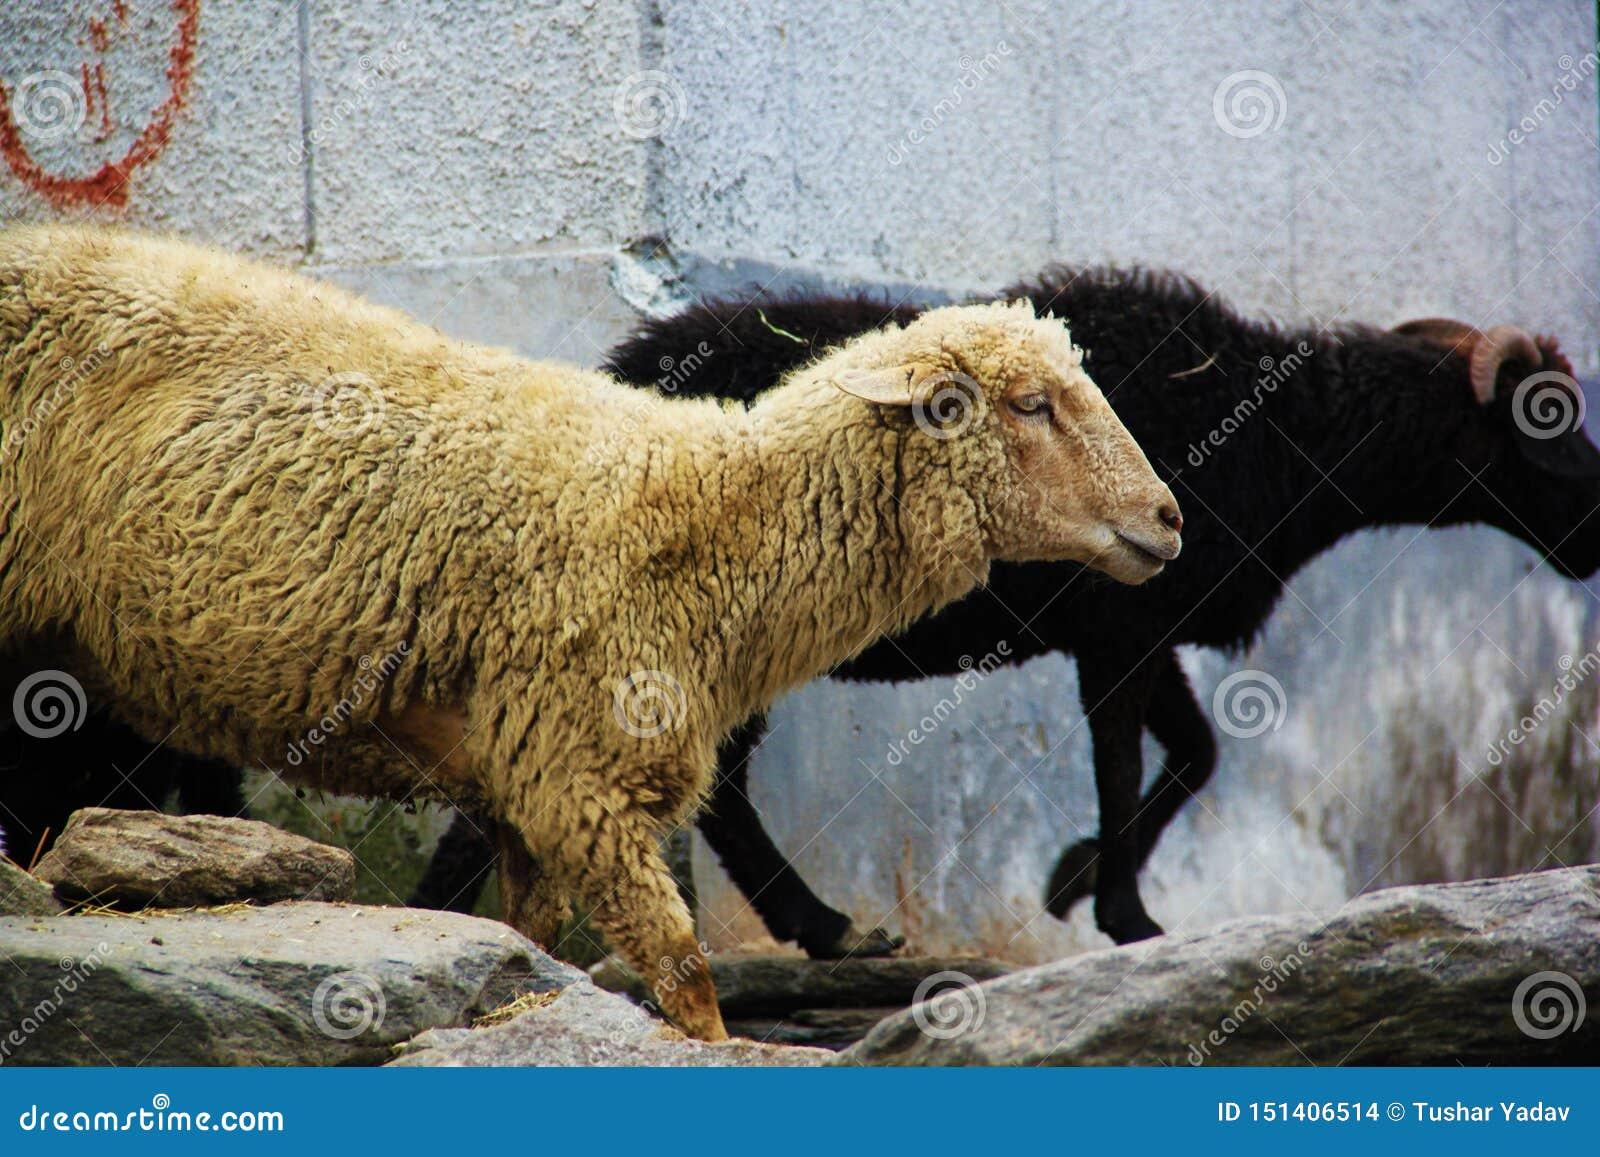 Multitud de las ovejas que caminan en el camino Manali - Leh de la montaña en Darcha, Himachal Pradesh, la India